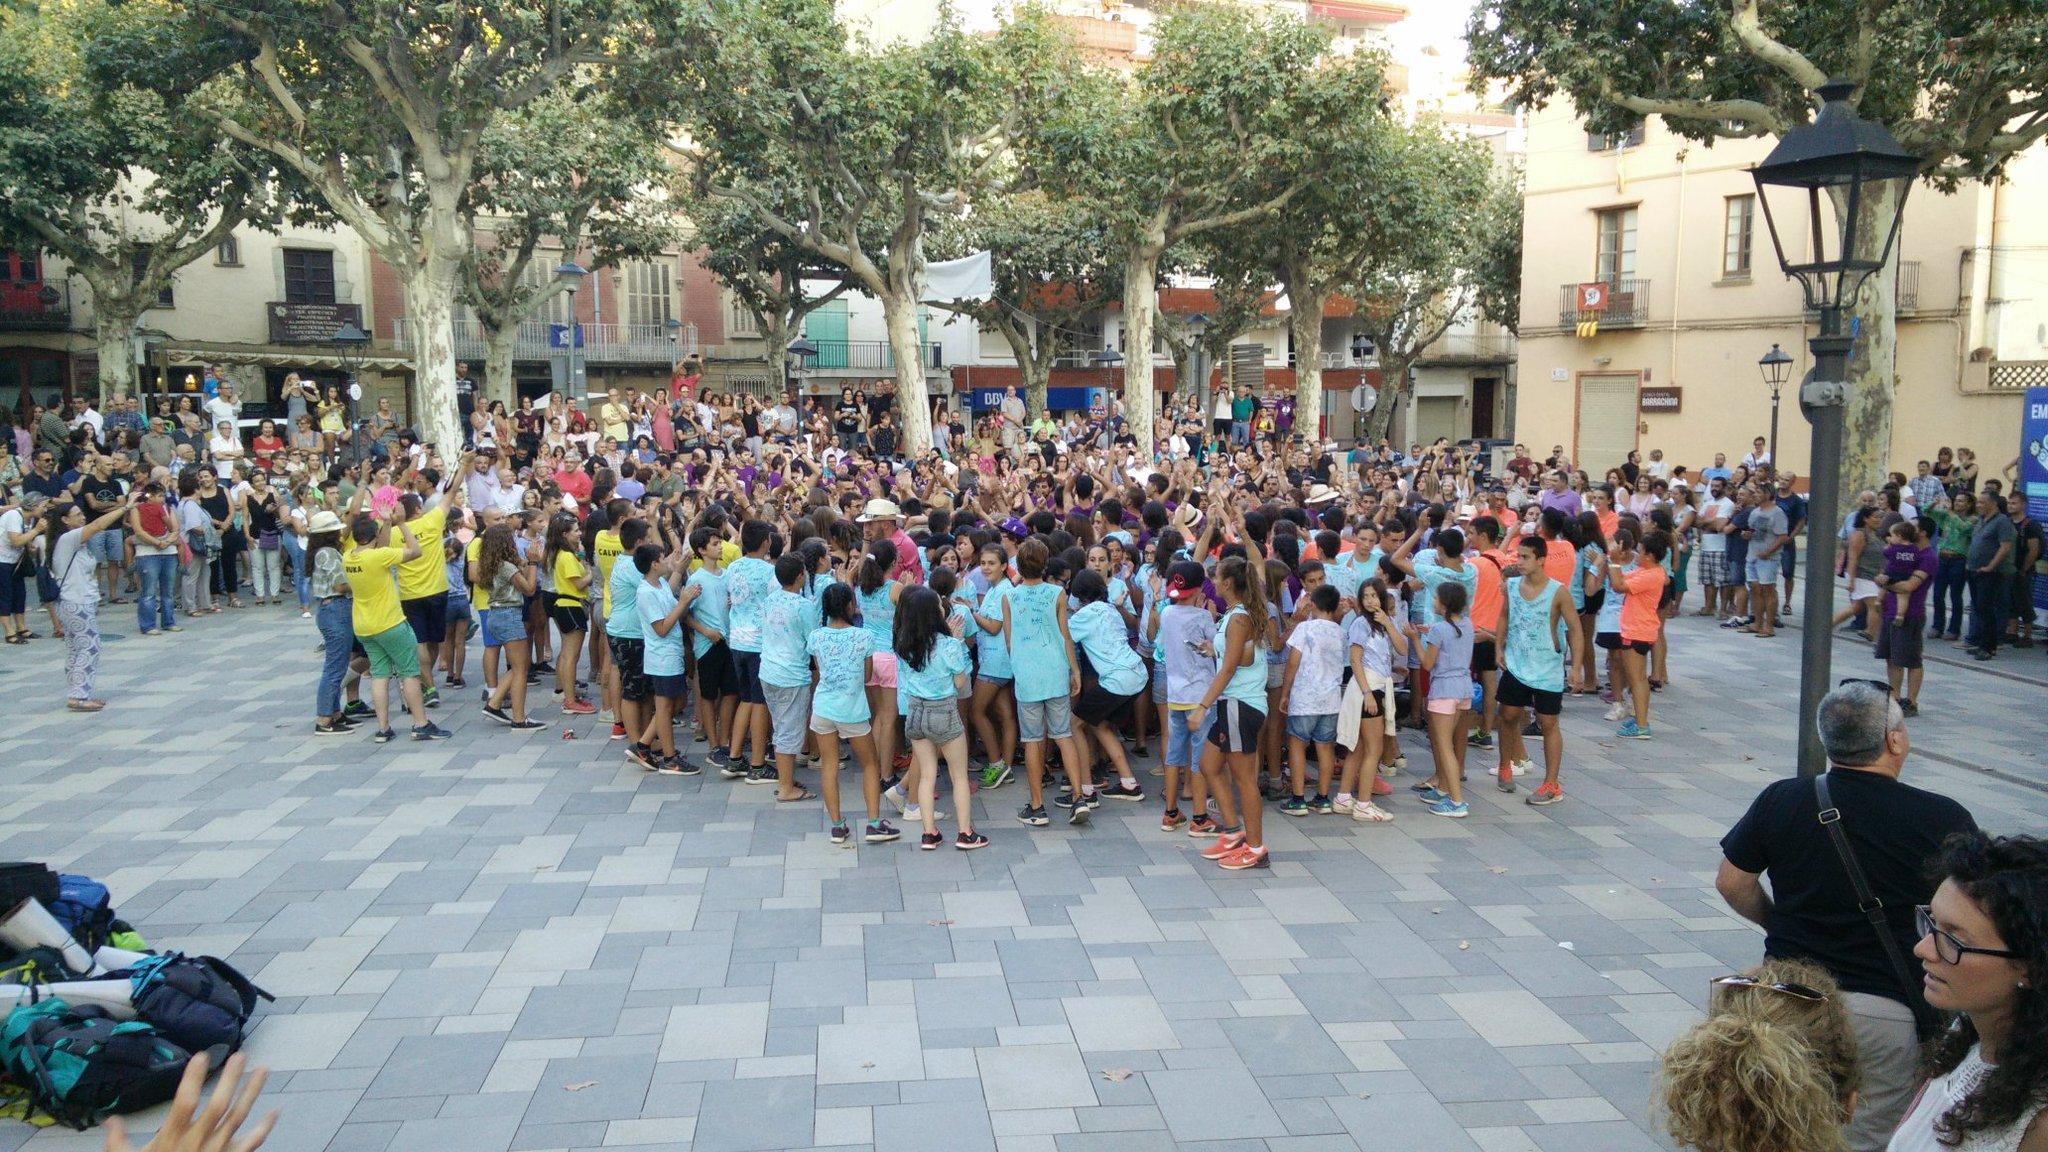 Ahir van arribar les 500 persones que han participat a les catecolònies d'estiu d'Arenys de Munt